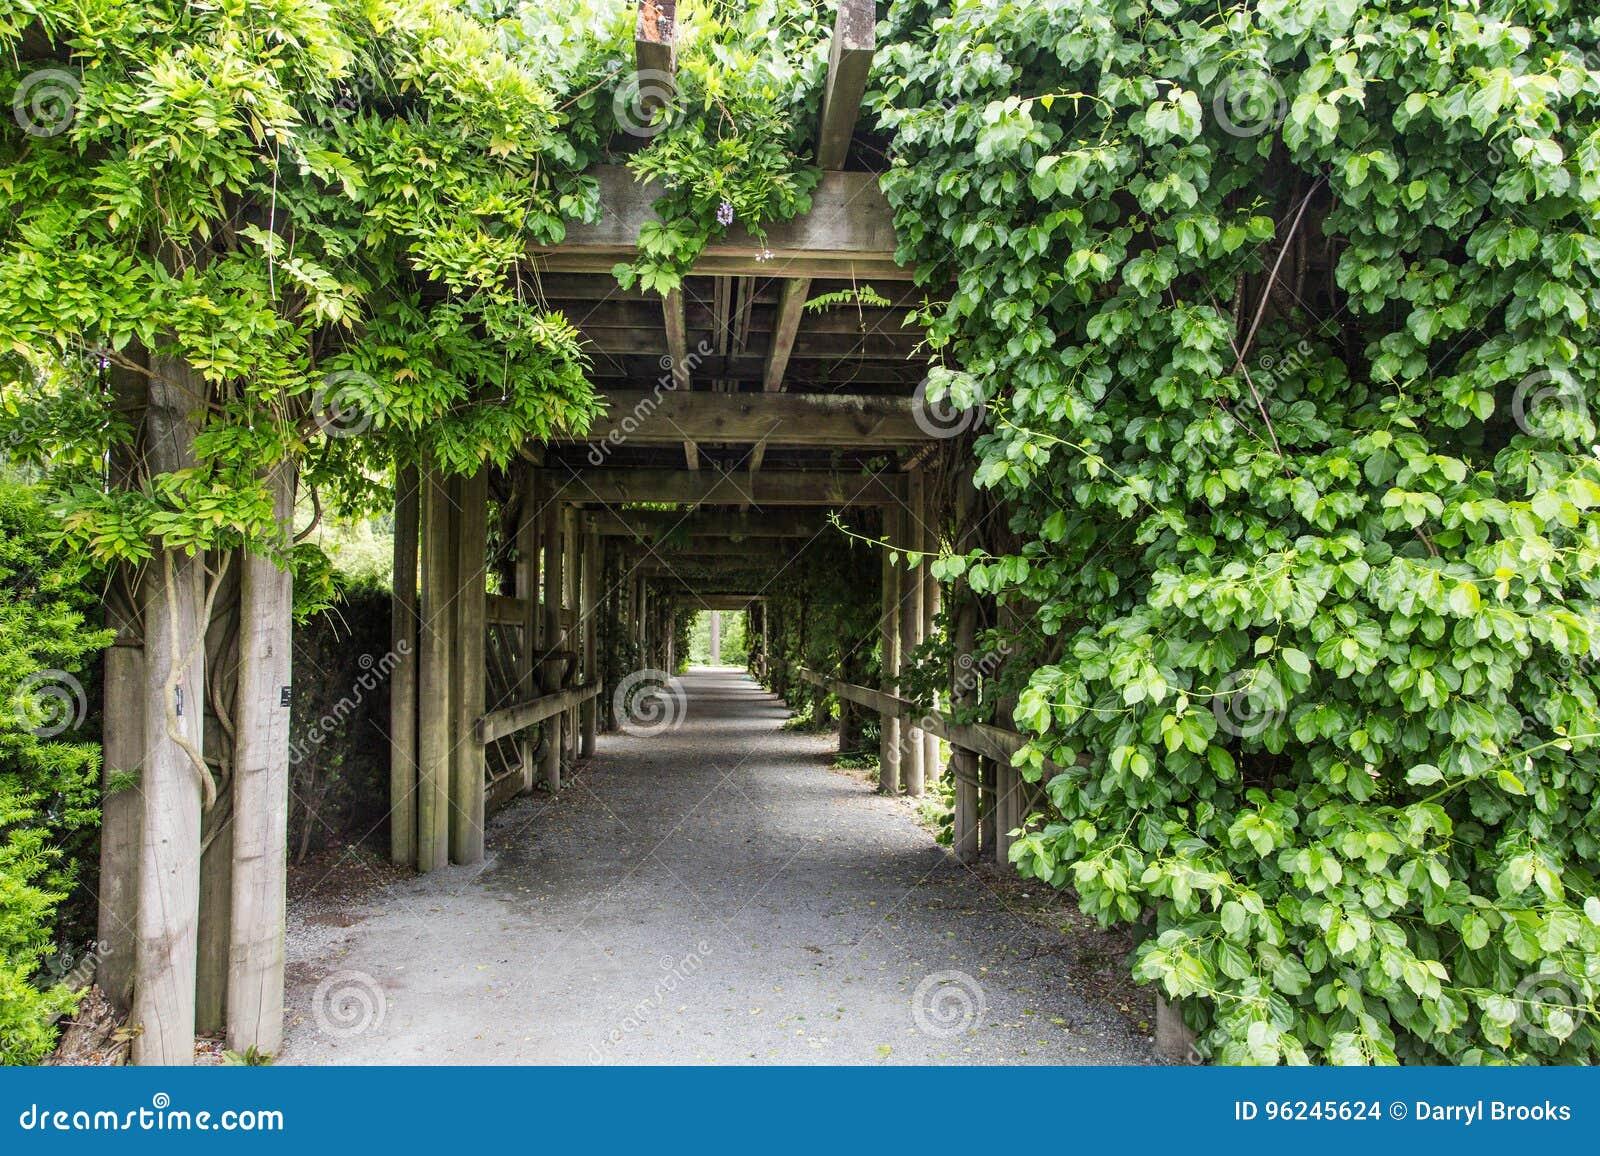 Weg Durch Garten Laube Stockfoto Bild Von Spur Wild 96245624